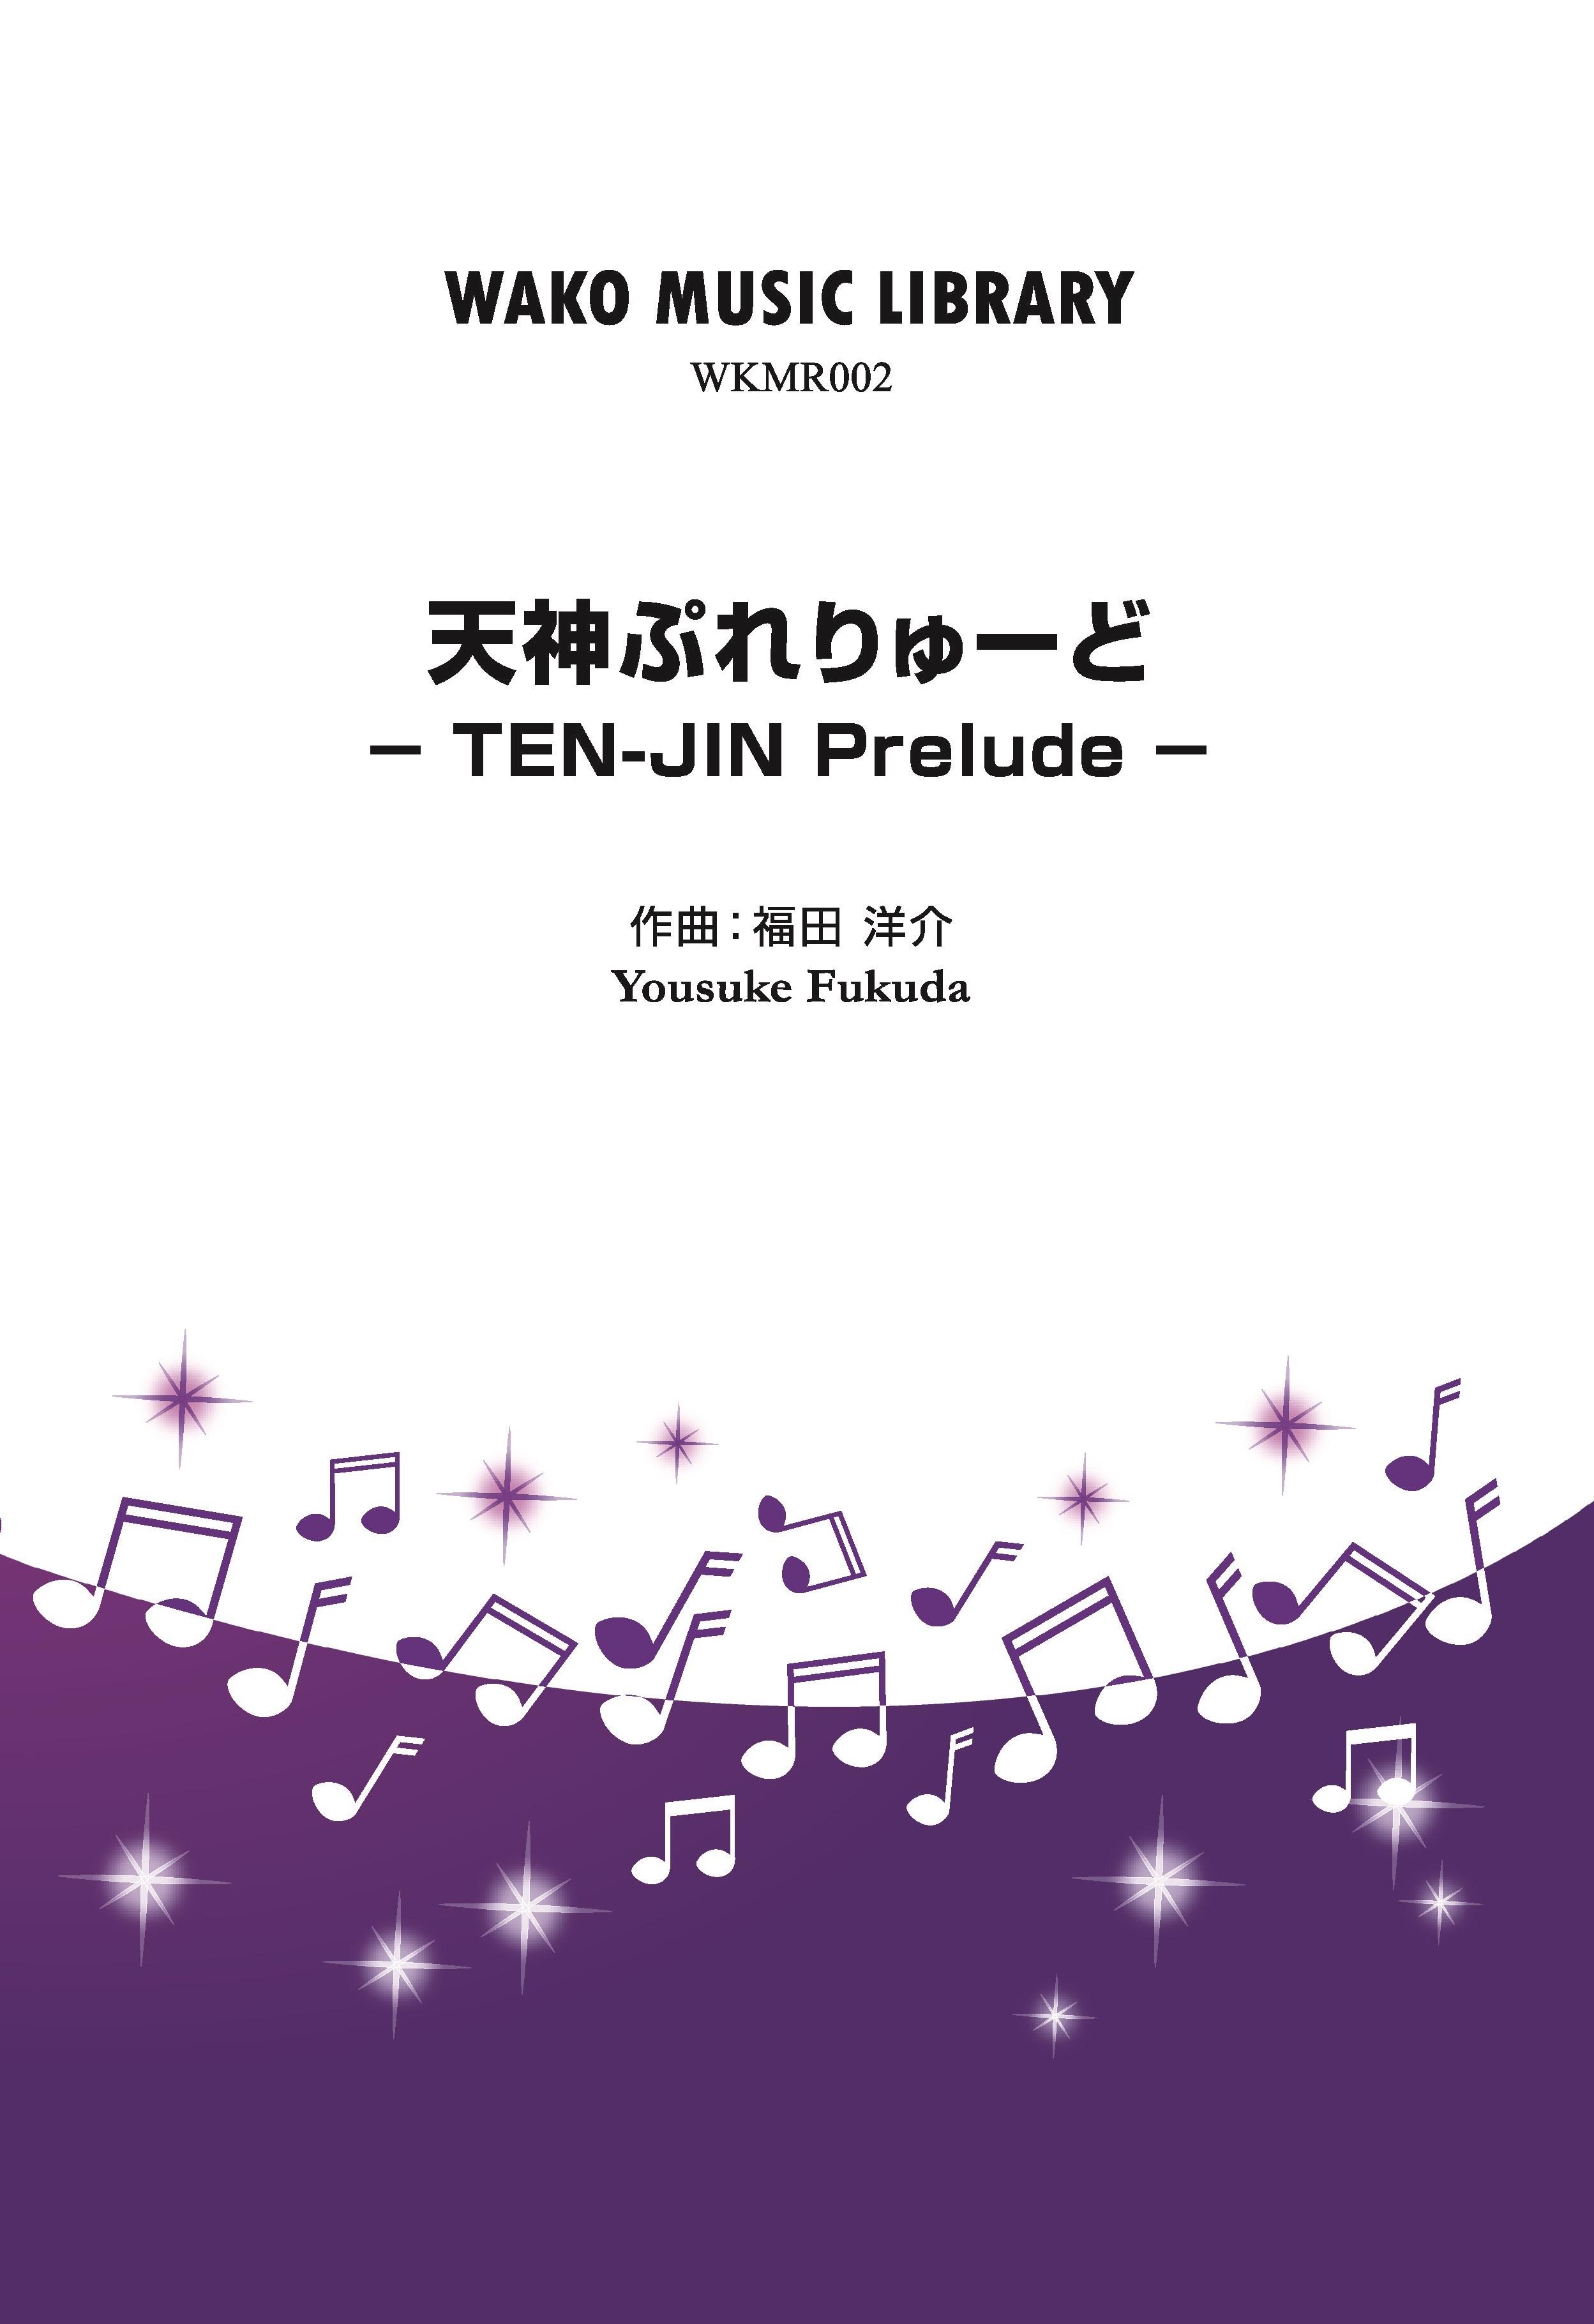 天神ぷれりゅーど / 福田洋介(WKMR-002)